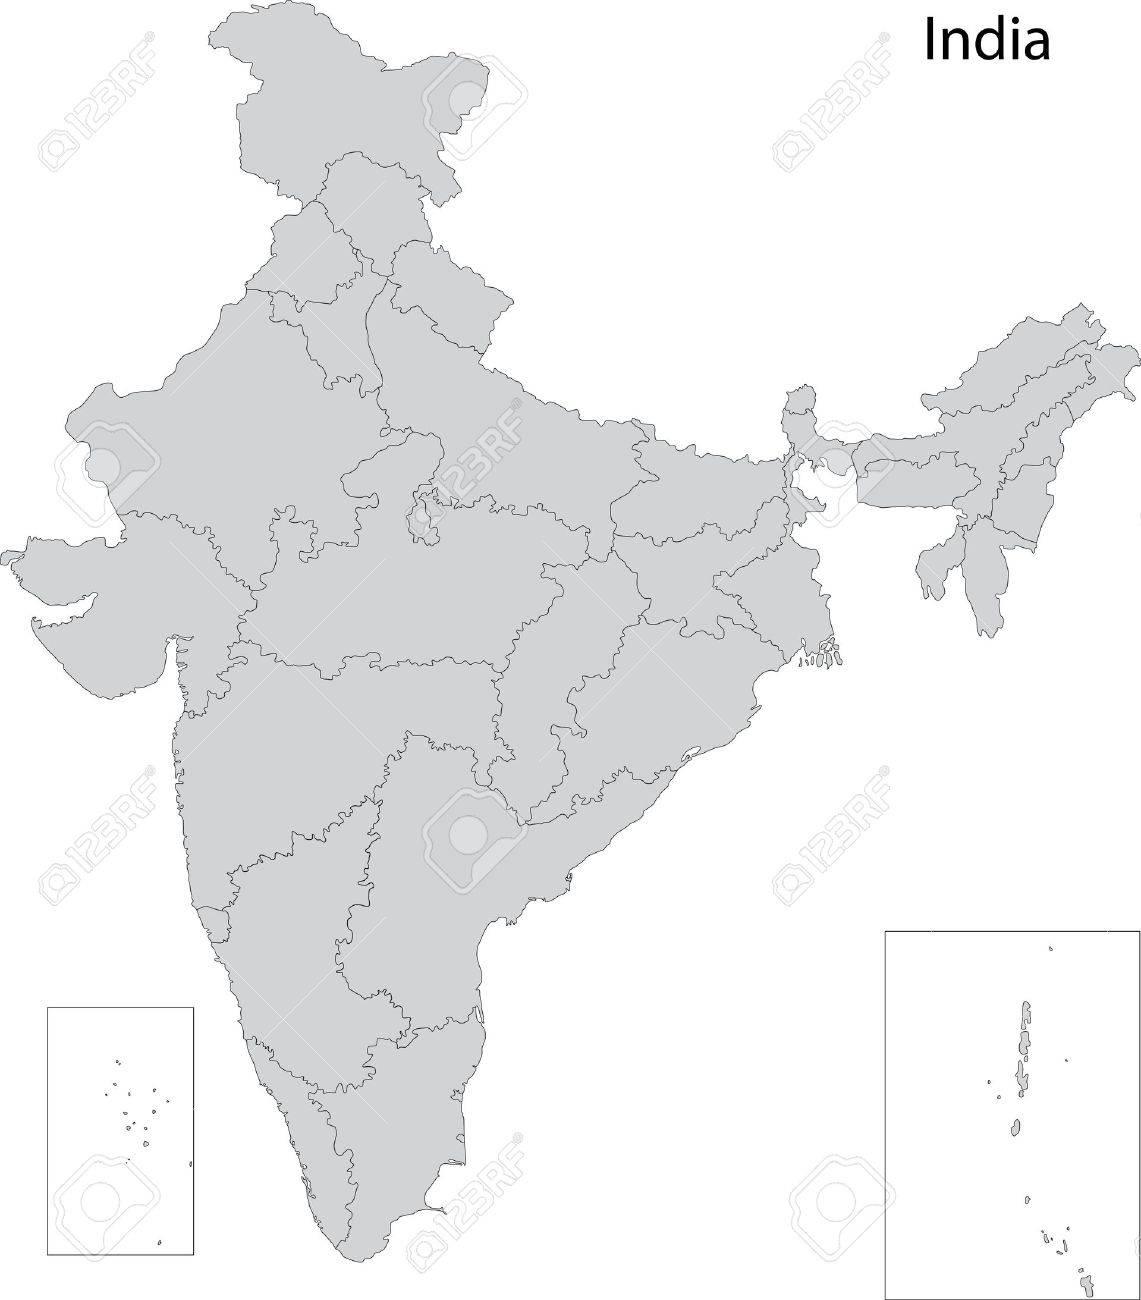 インドの地方行政区画の地図 ロ...